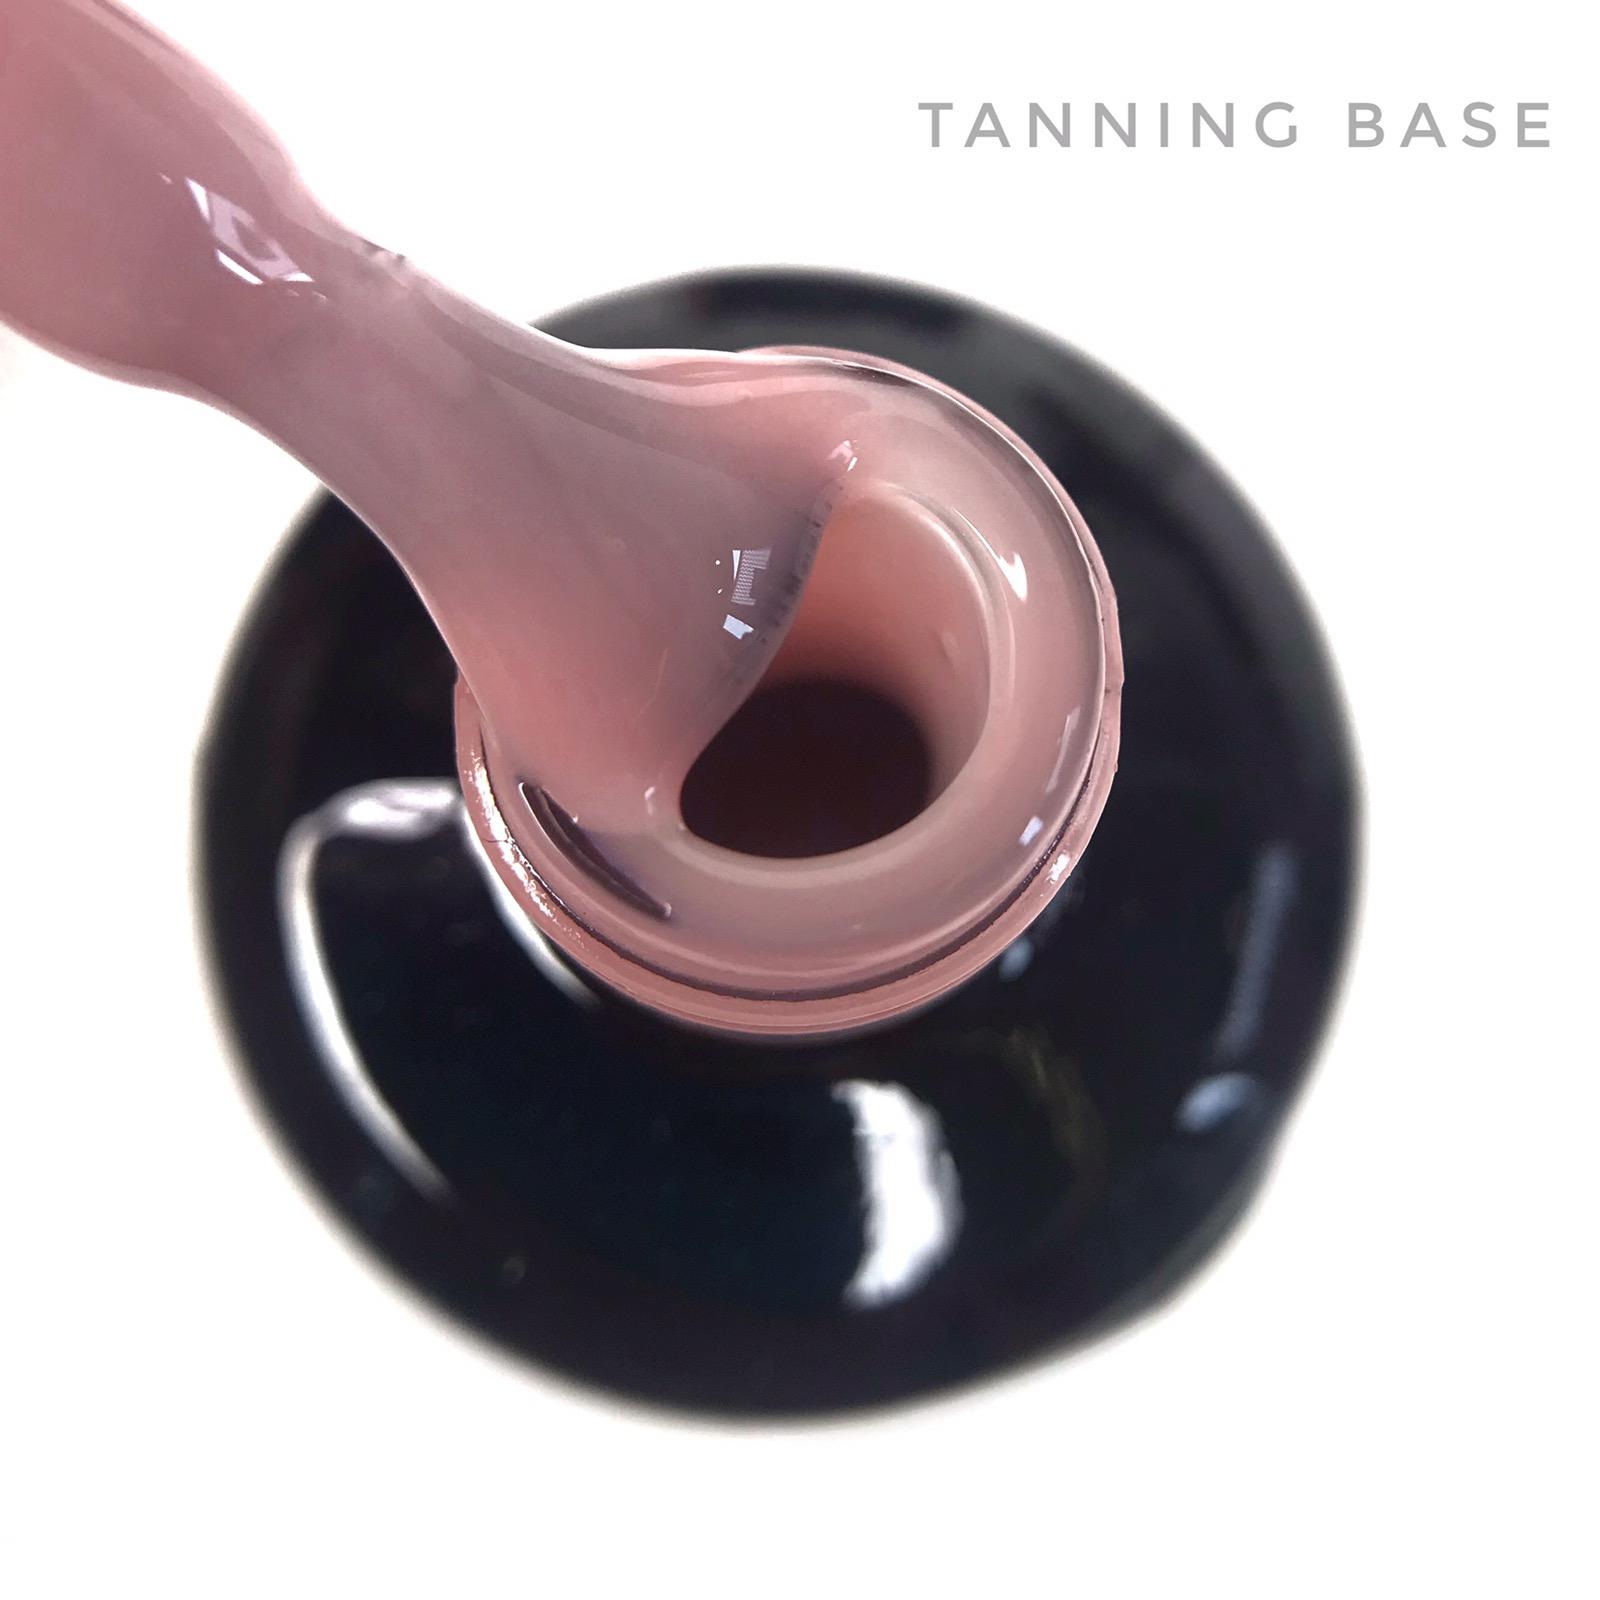 tanning base